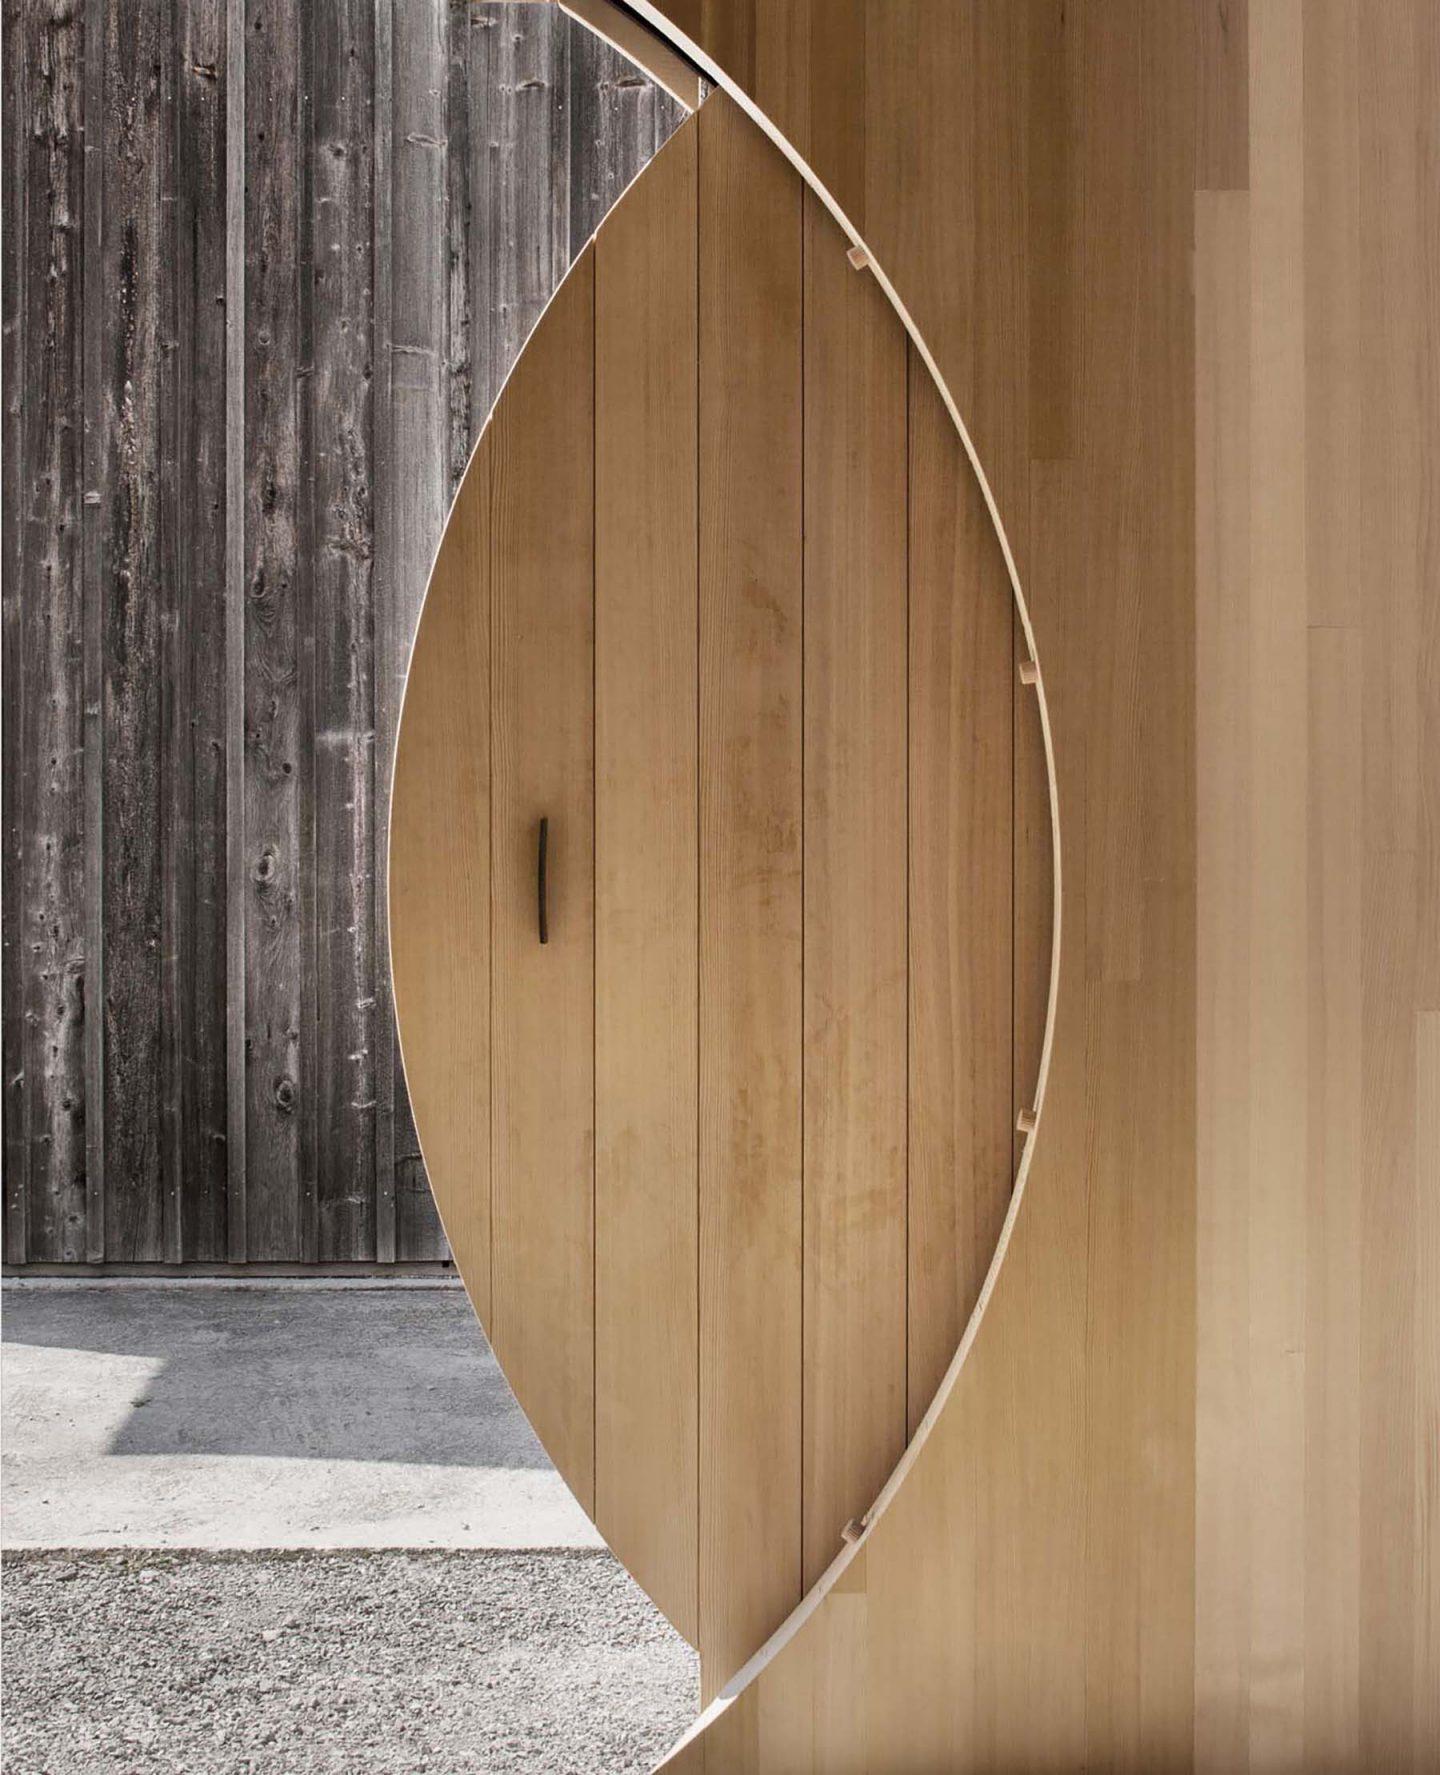 iGNANT-Architecture-Matt-Innauer-Architekten-Kaspar-Greber-006